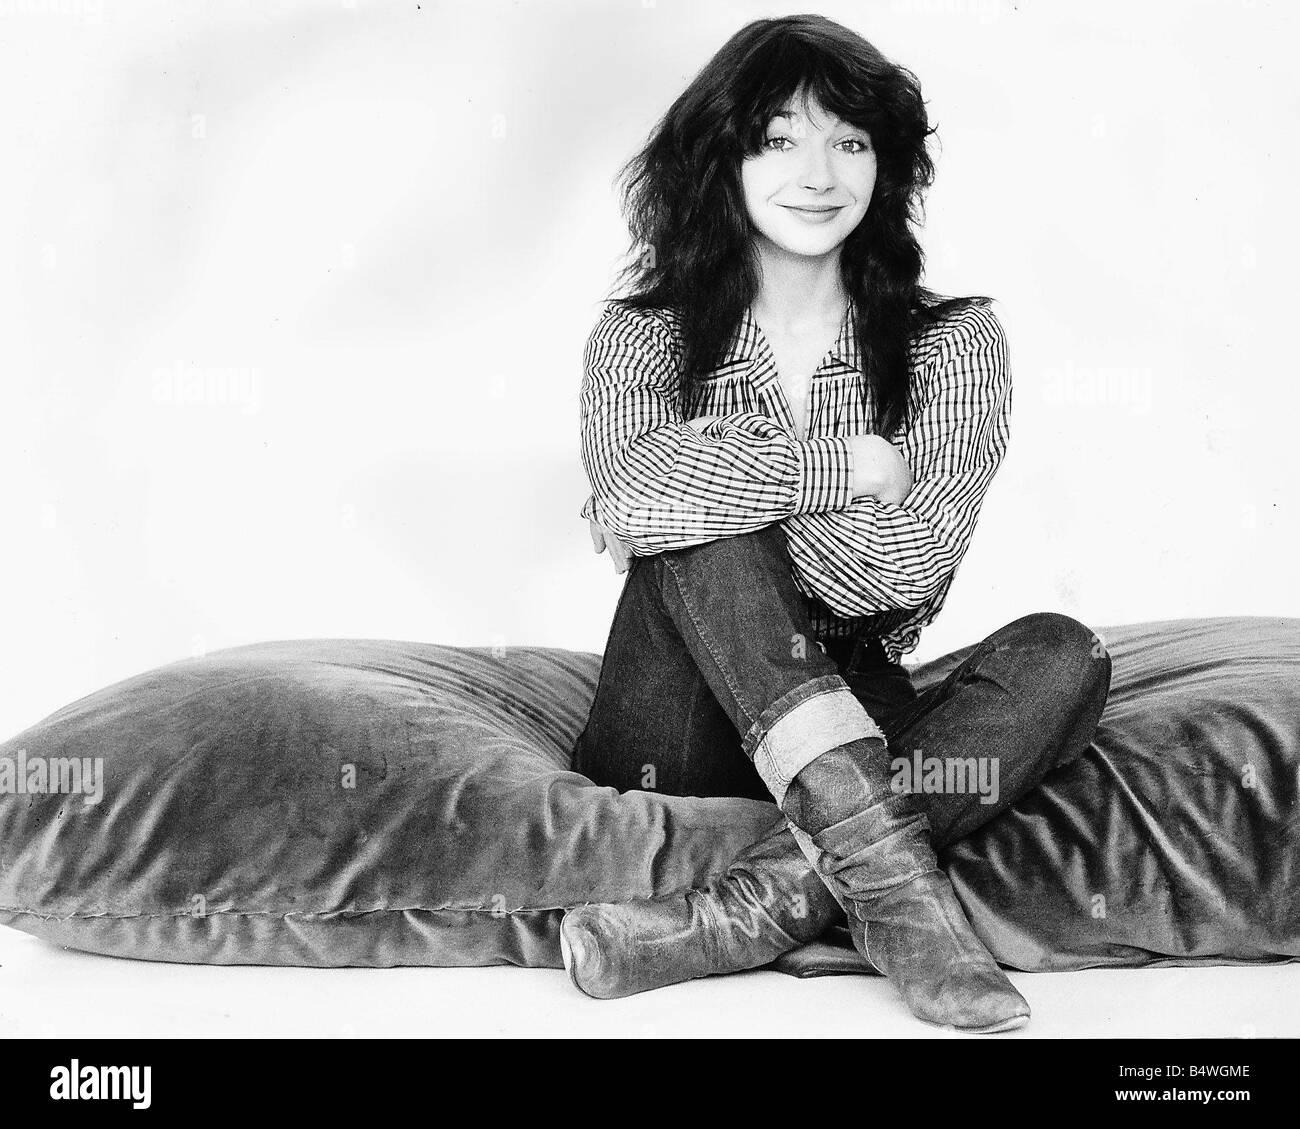 Kate Bush Singer Sitting On A Giant Cushion September 1983 - Stock Image